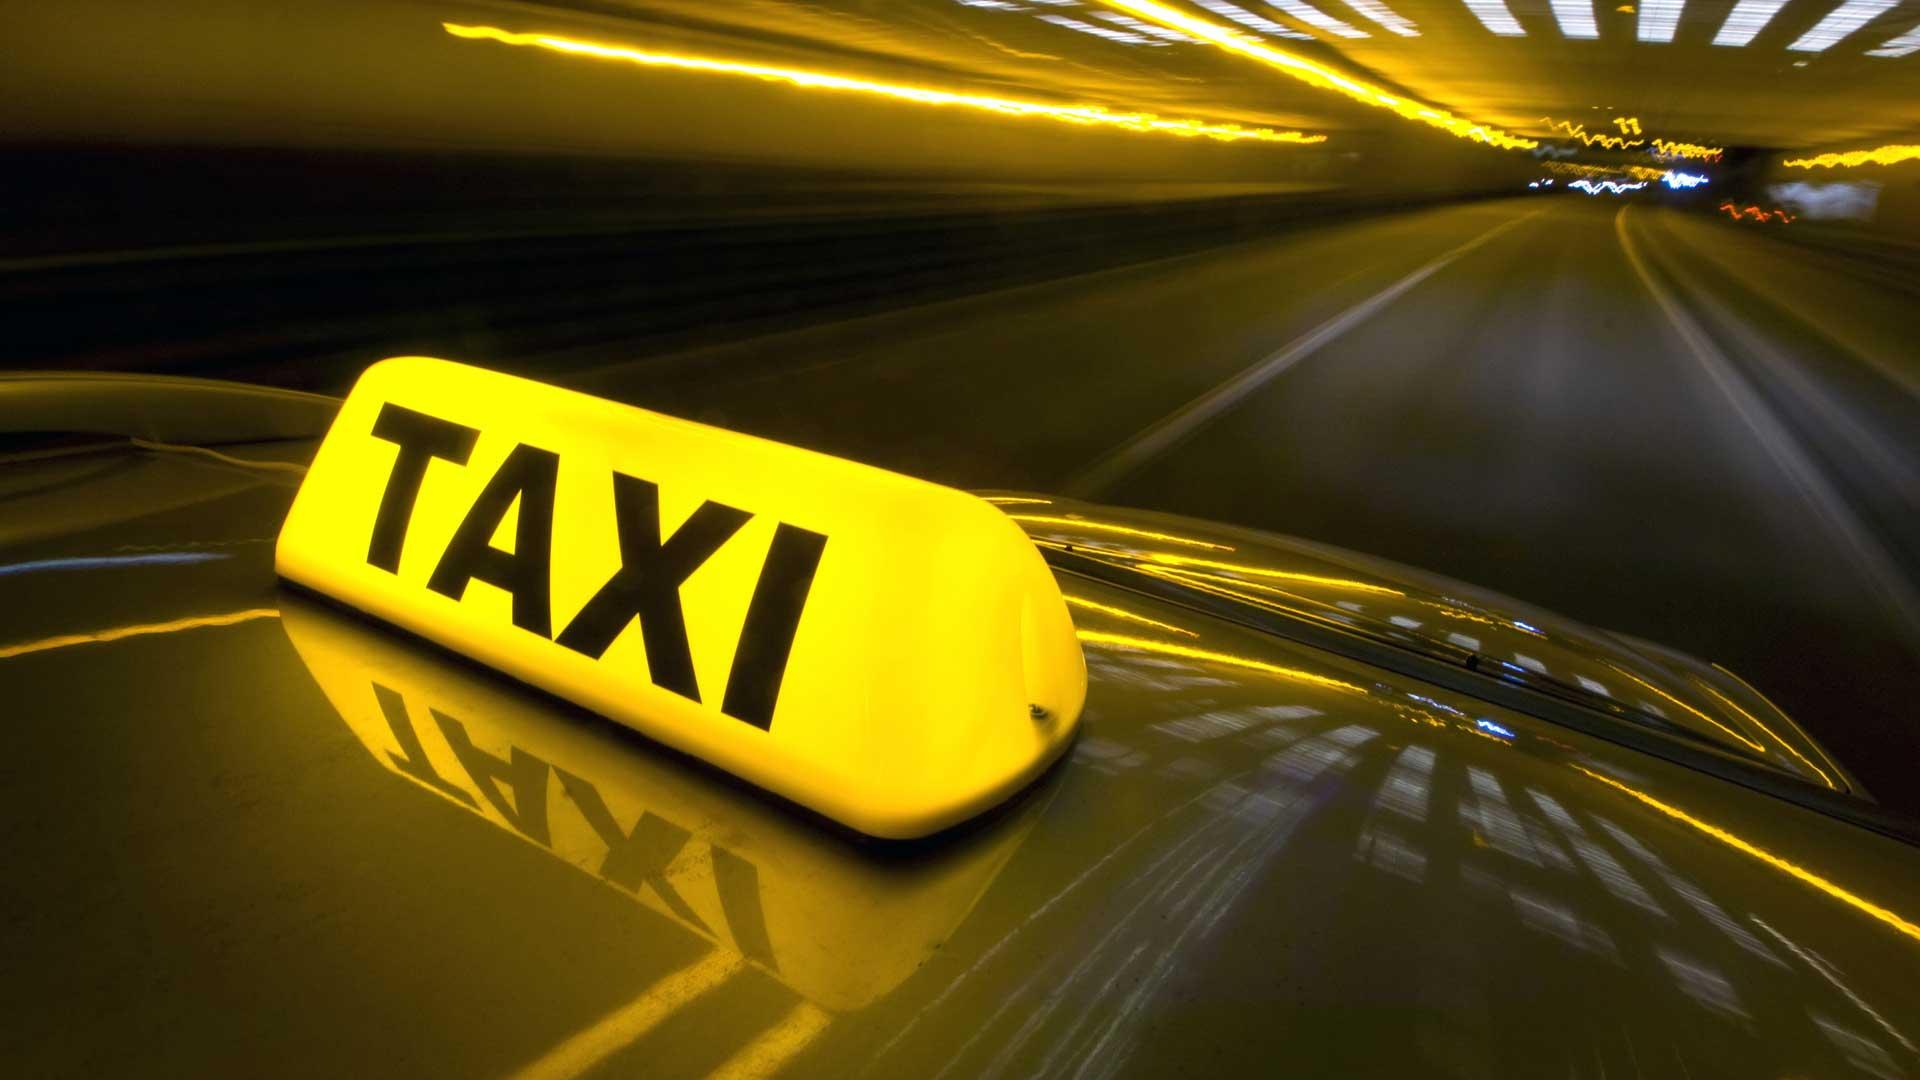 Такси Мани представляет собой инвестиционно-экономическую игру с выводом денег